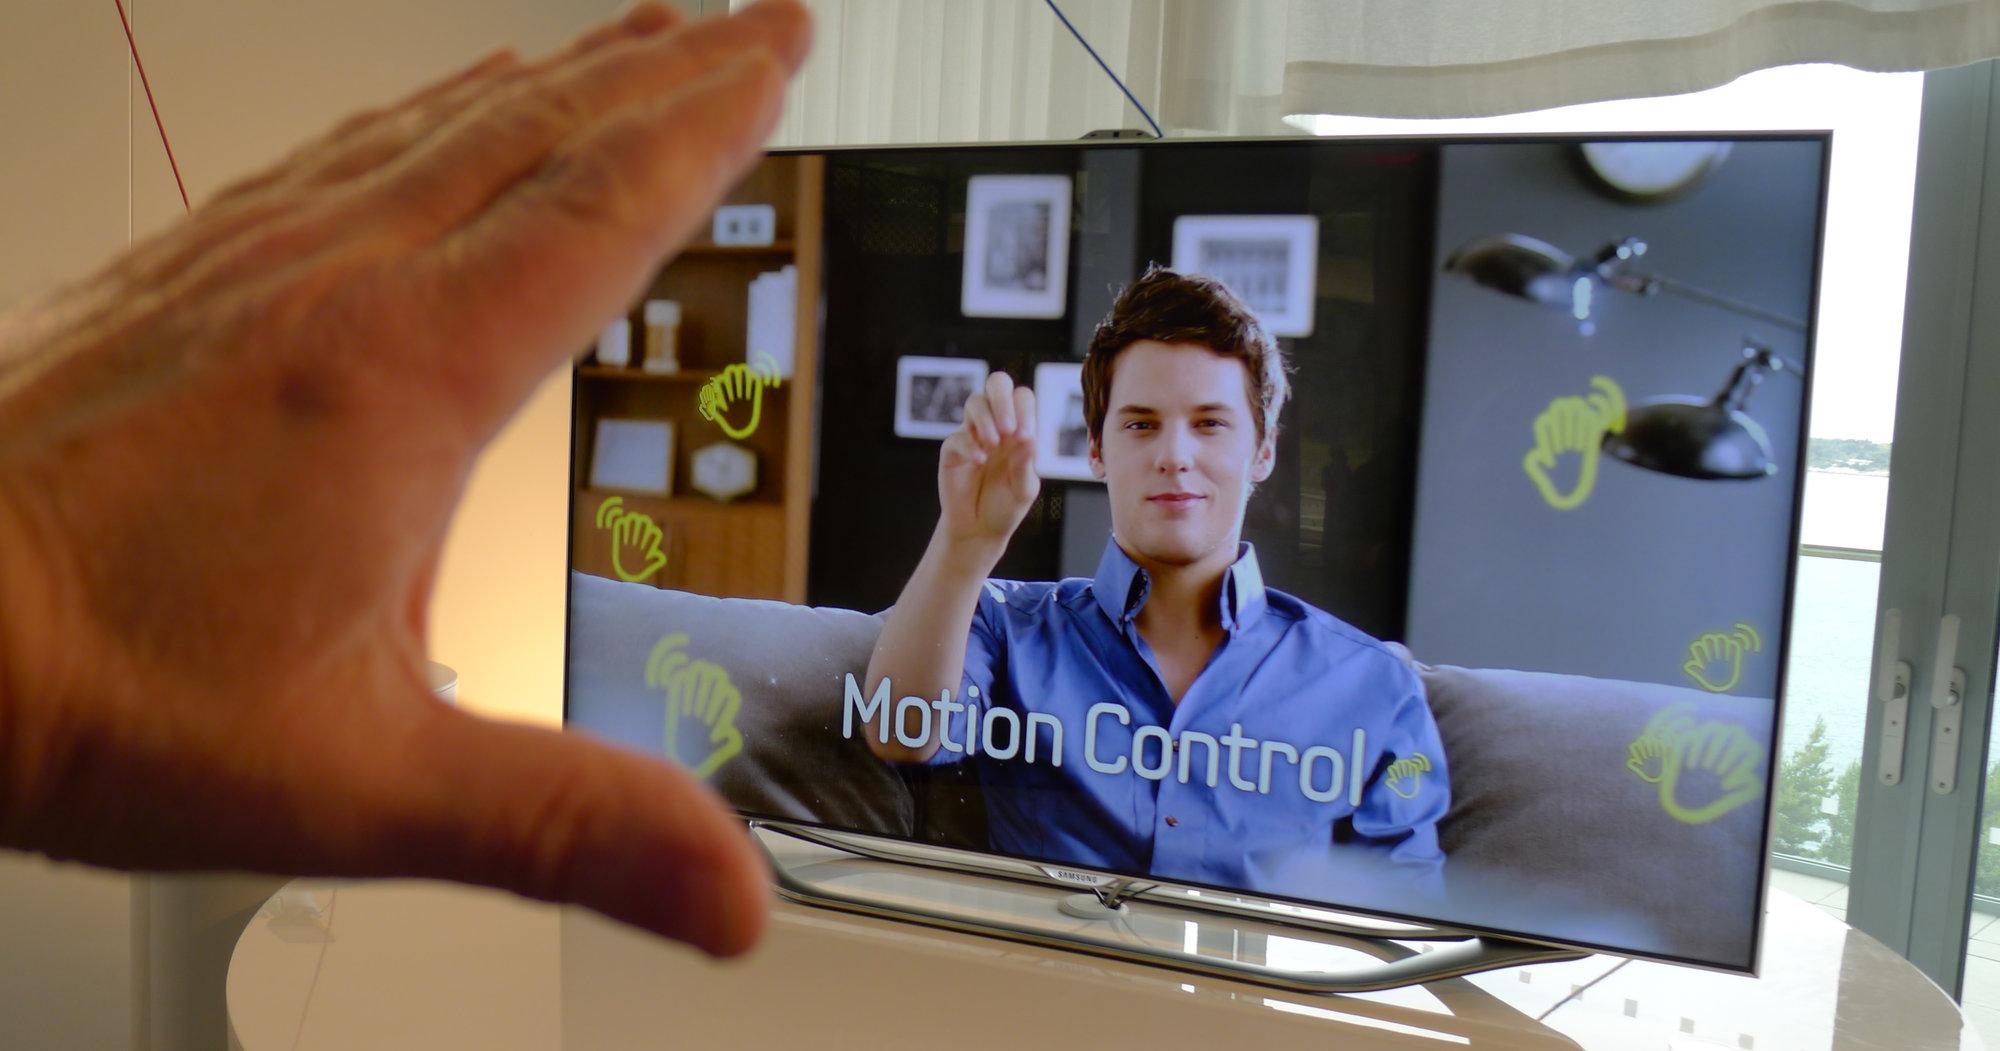 Denne Samsung-TVen kan styres ved hjelp av hånd og stemme.  Men vil det ta av, slik Samsung tror og håper?